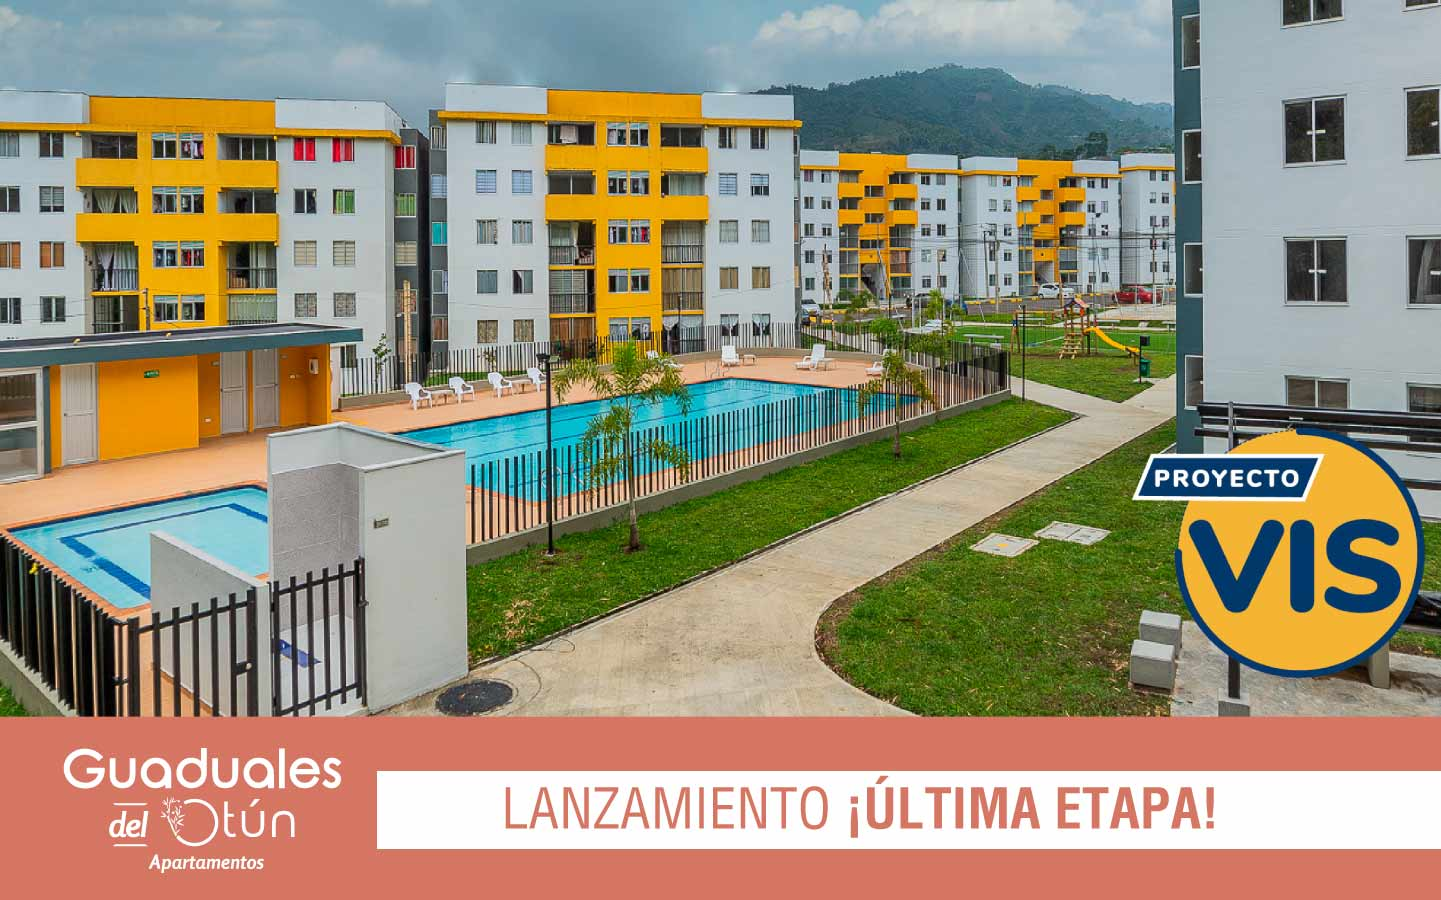 ¡Última etapa! Guaduales del Otún, proyecto inmobiliario VIS Dosquebradas